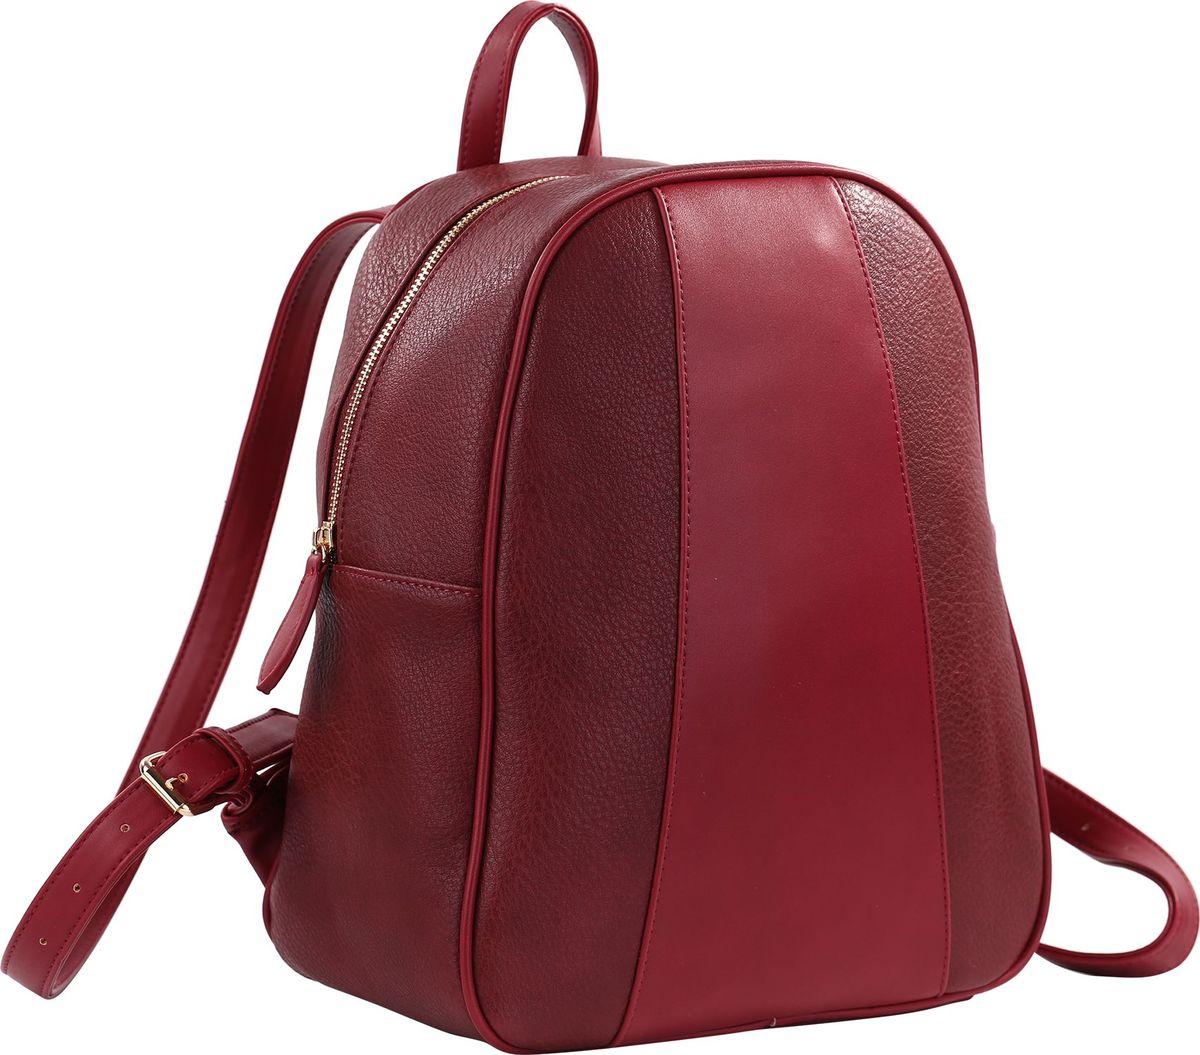 Рюкзак женский Pola, цвет: бордовый. 7832778327Стильная женская сумка-рюкзак Pola выполнена из экокожи. Декоративная вставка спереди рюкзака, лямки сумки, переносная ручка и отстрочка выполнены из материала, контрастного по цвету и фактуре основному. Имеет одно основное отделение, которое закрывается на молнию. Внутри рюкзака один карман на молнии и два открытых кармана. Сзади рюкзака также есть карман на молнии. Лямки регулируются по длине.